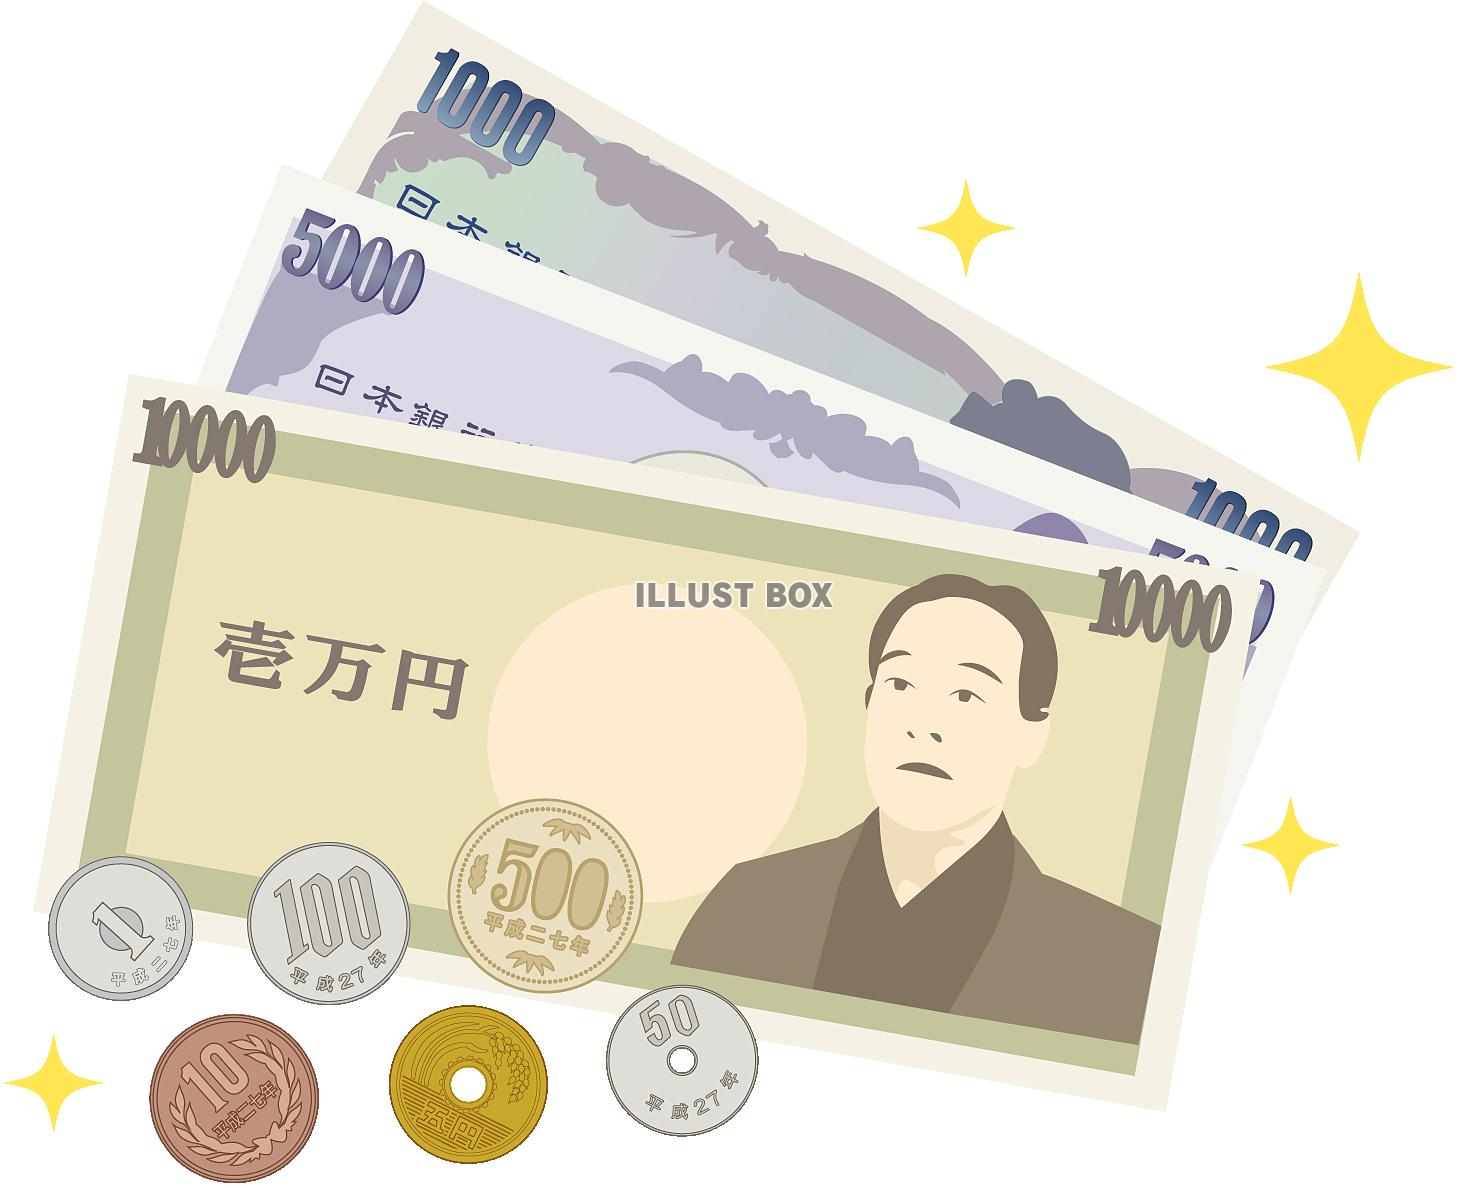 「お金 イラスト」の画像検索結果